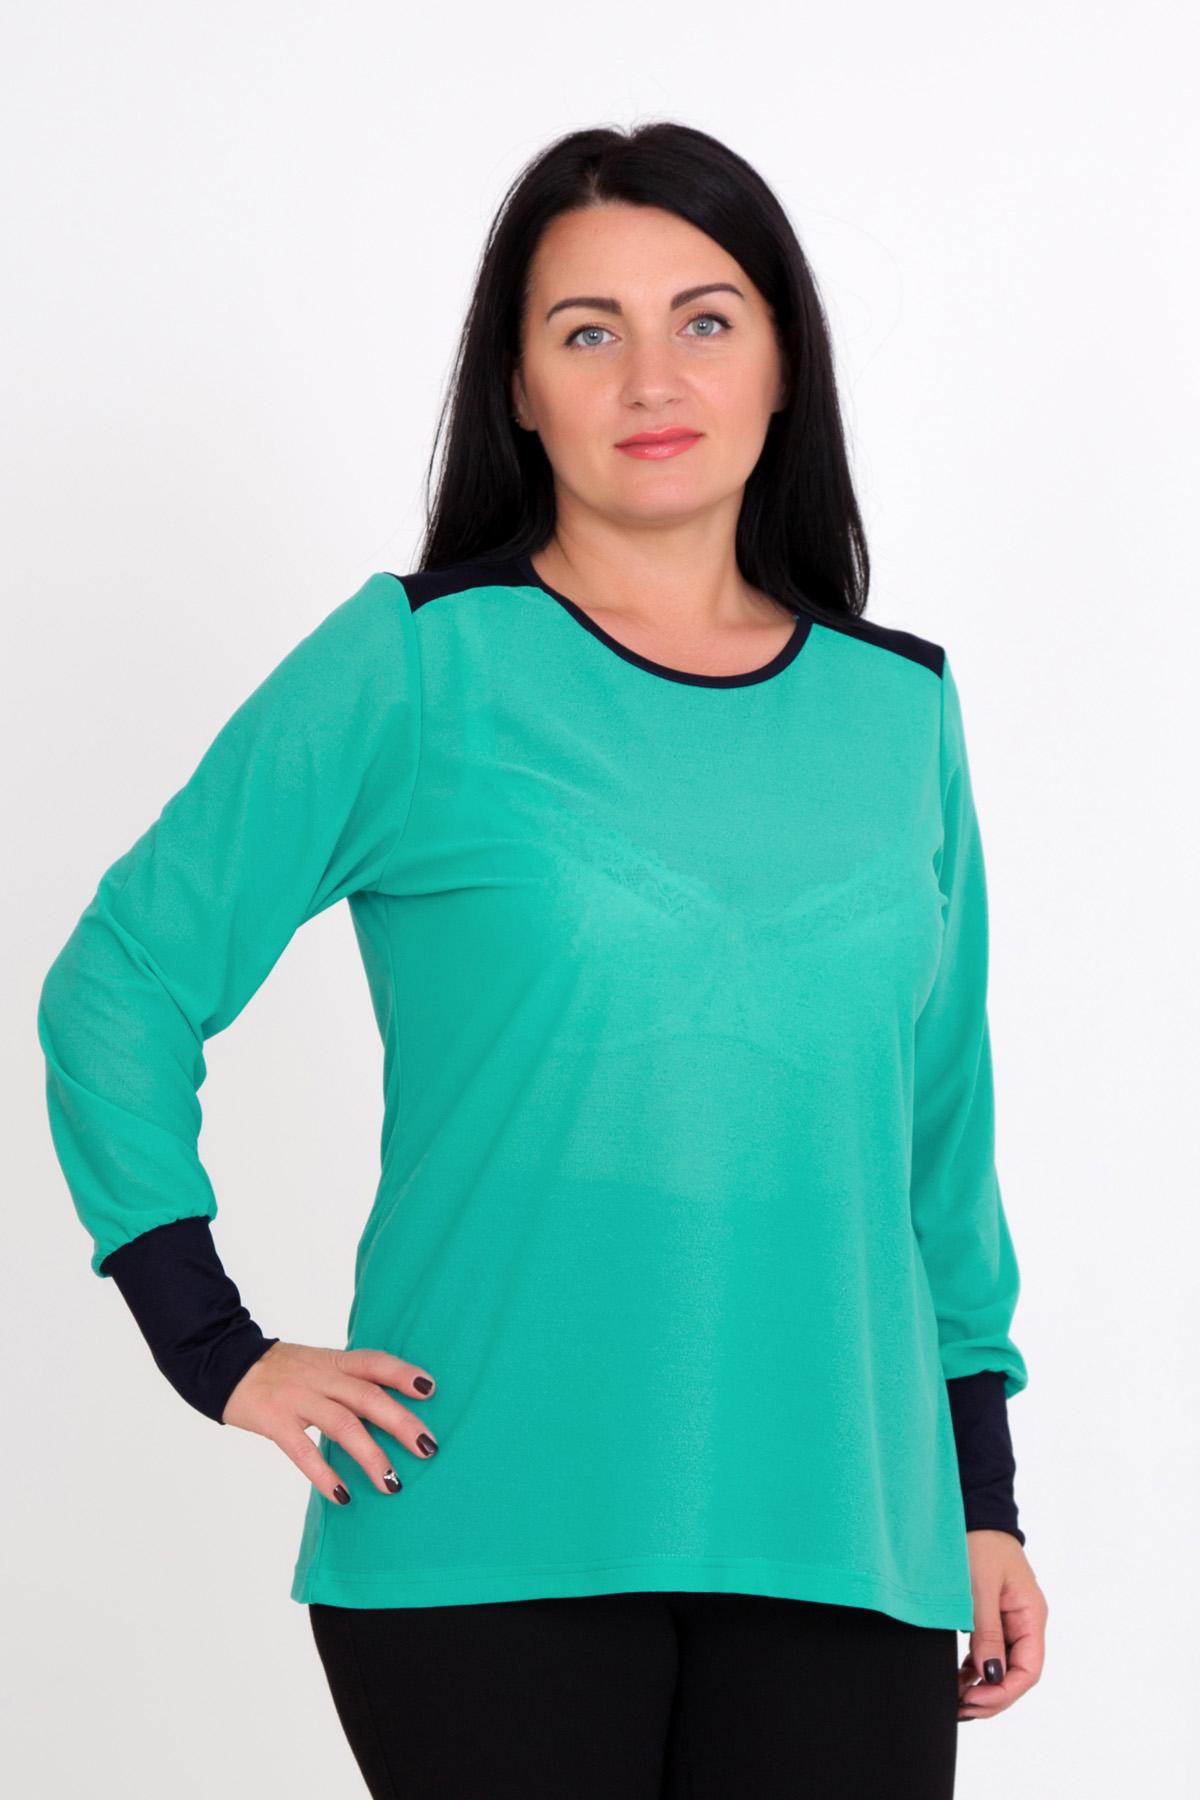 Жен. блуза Леона р. 54Распродажа женской одежды<br>Обхват груди: 108 см <br>Обхват талии: 88 см <br>Обхват бедер: 116 см <br>Длина по спинке: 67 см <br>Рост: 167 см<br><br>Тип: Жен. блуза<br>Размер: 54<br>Материал: Креп